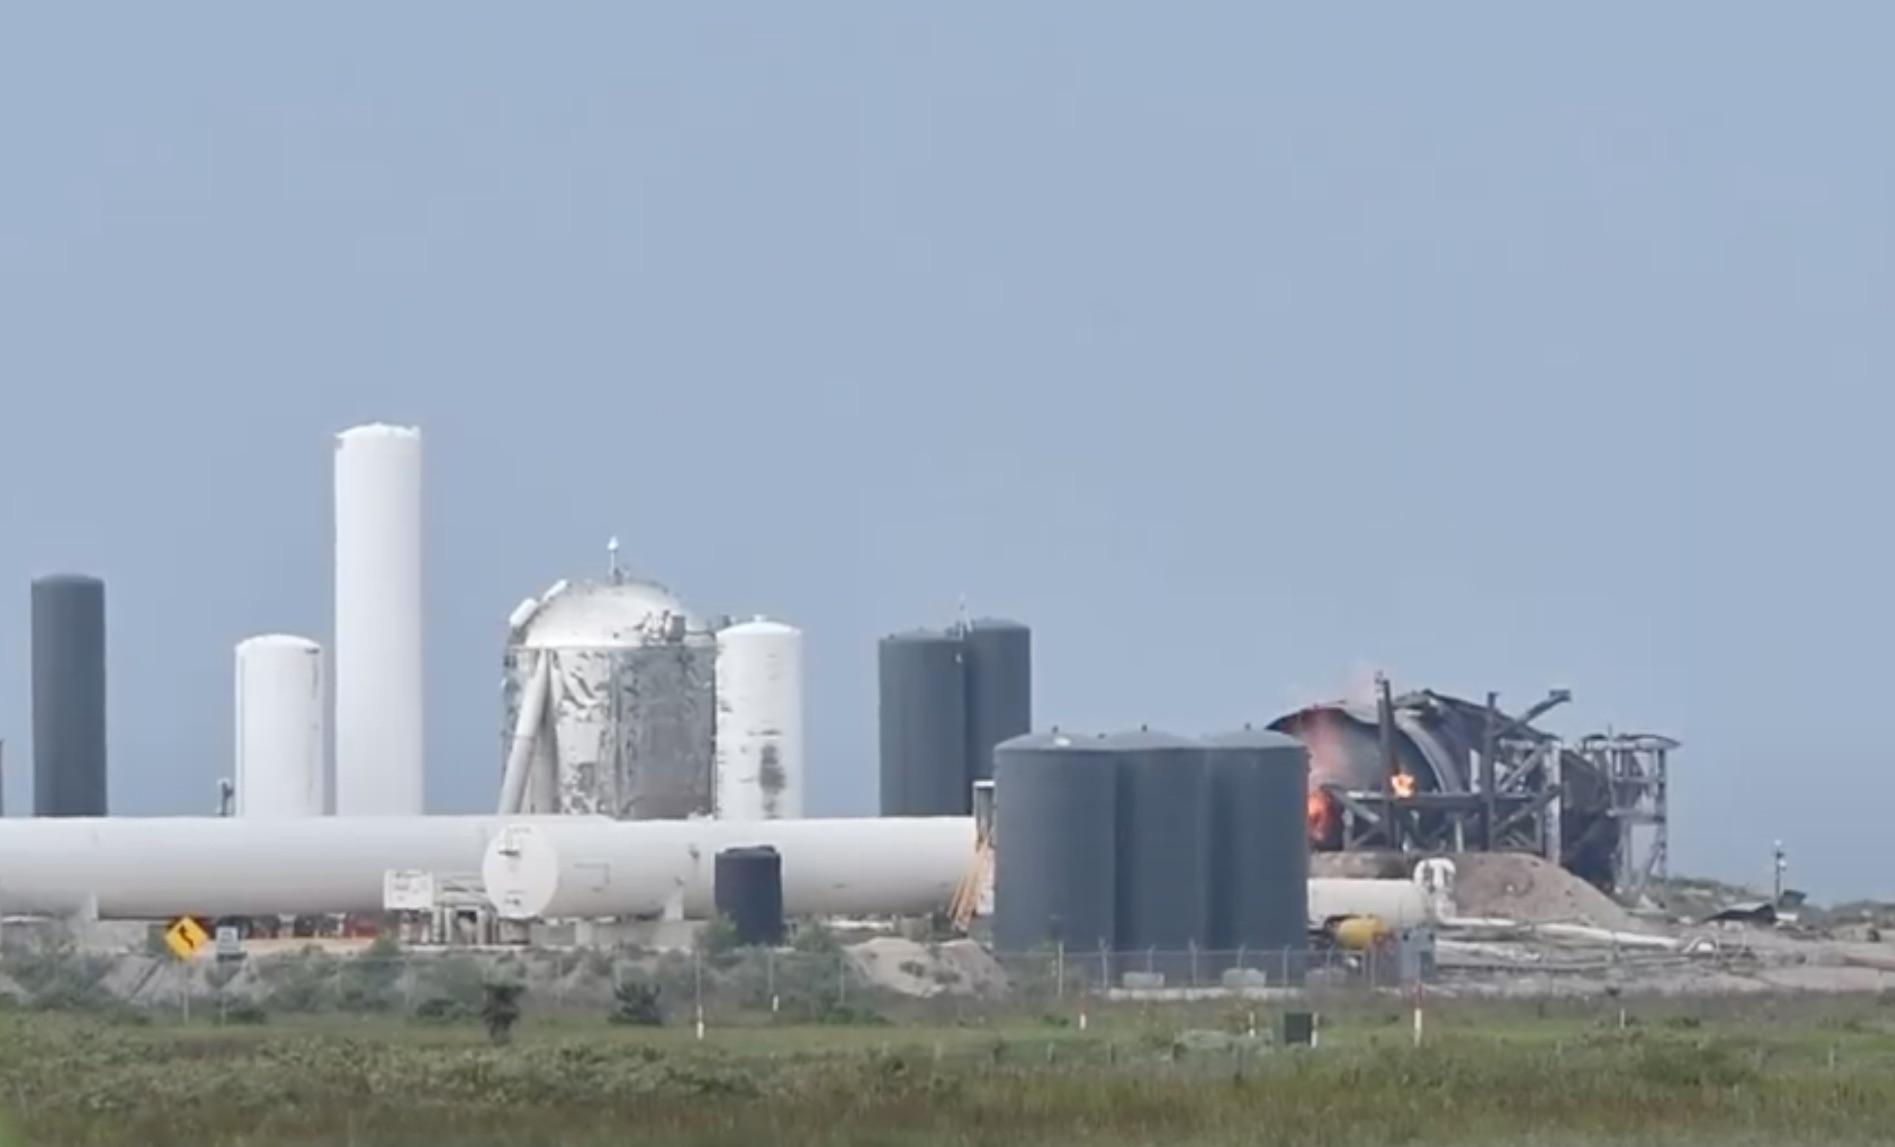 Остатки Starship SN4 после взрыва на испытаниях (Скриншот видео: NASASpaceflight/Youtube)